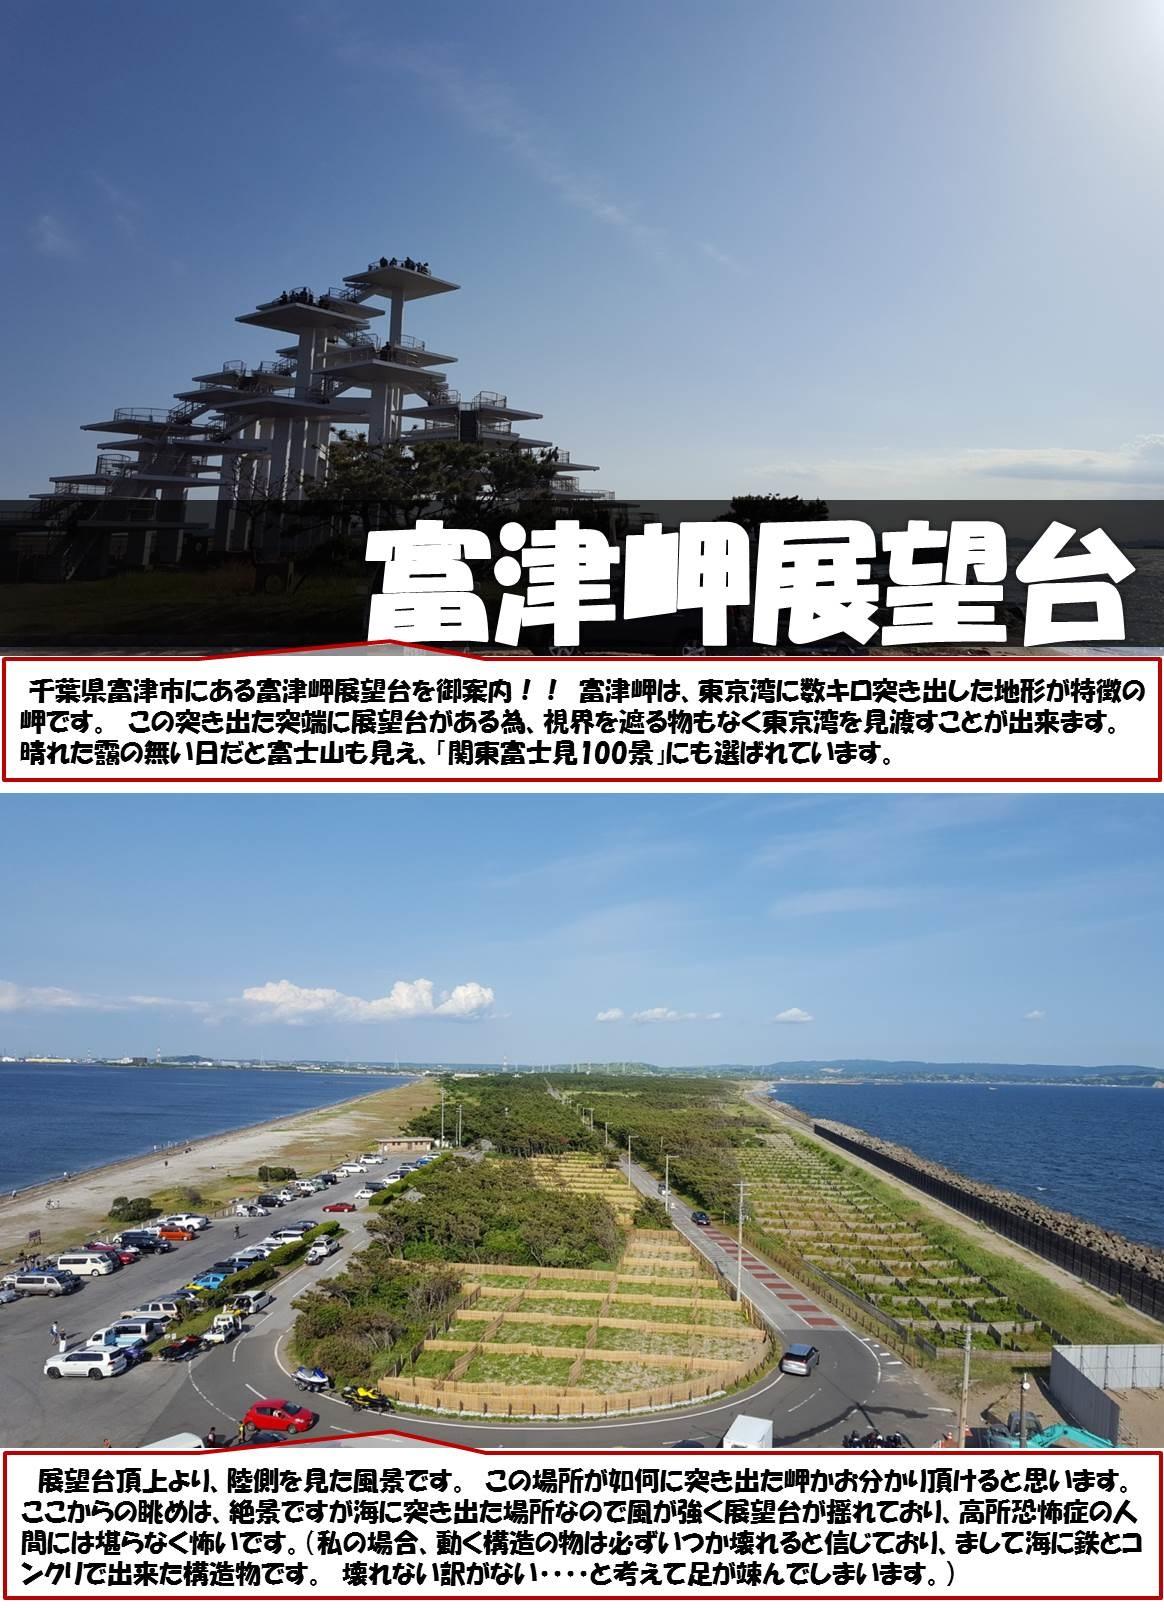 富津岬展望台 千葉県富津市にある富津岬展望台を御案内!! 富津岬は、東京湾に数キロ突き出した地形が特徴の岬です。 この突き出た突端に展望台がある為、視界を遮る物もなく東京湾を見渡すことが出来ます。晴れた靄の無い日だと富士山も見え、「関東富士見100景」にも選ばれています。 展望台頂上より、陸側を見た風景です。 この場所が如何に突き出た岬かお分かり頂けると思います。 ここからの眺めは、絶景ですが海に突き出た場所なので風が強く展望台が揺れており、高所恐怖症の人間には堪らなく怖いです。(私の場合、動く構造の物は必ずいつか壊れると信じており、まして海に鉄とコンクリで出来た構造物です。 壊れない訳がない・・・・と考えて足が竦んでしまいます。)